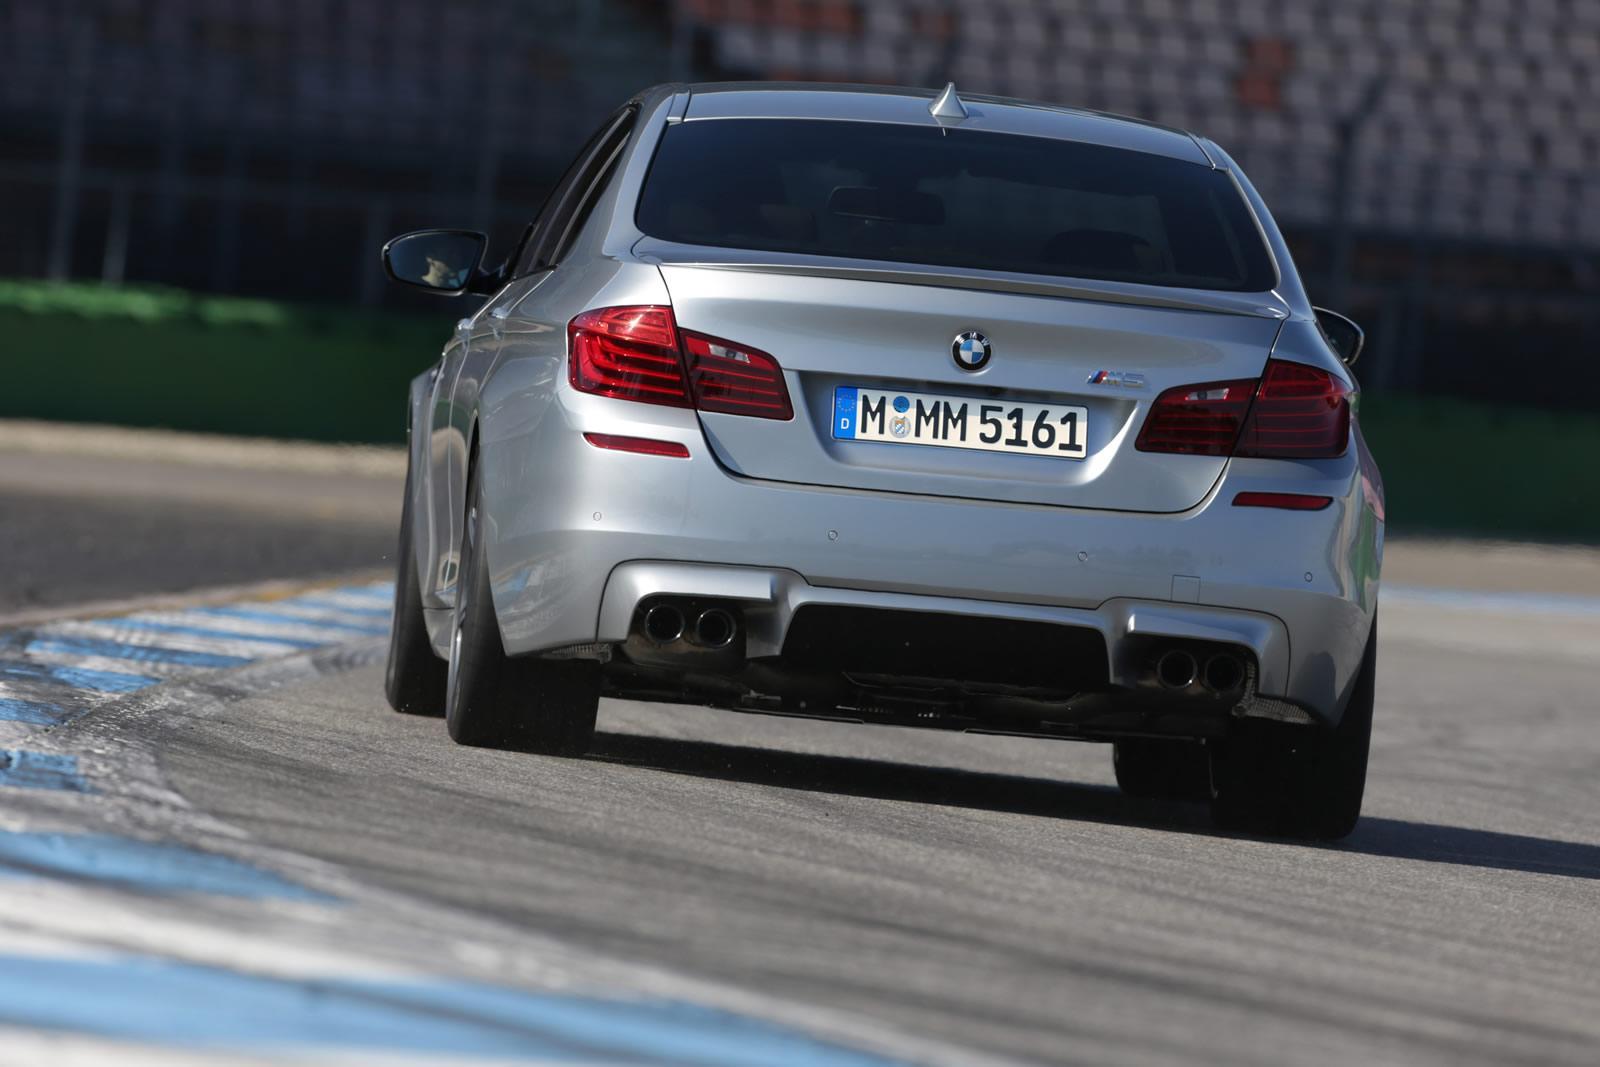 http://images.caradisiac.com/images/6/7/9/3/86793/S0-Nouvelles-BMW-M5-et-M6-Competition-Package-15-ch-293903.jpg